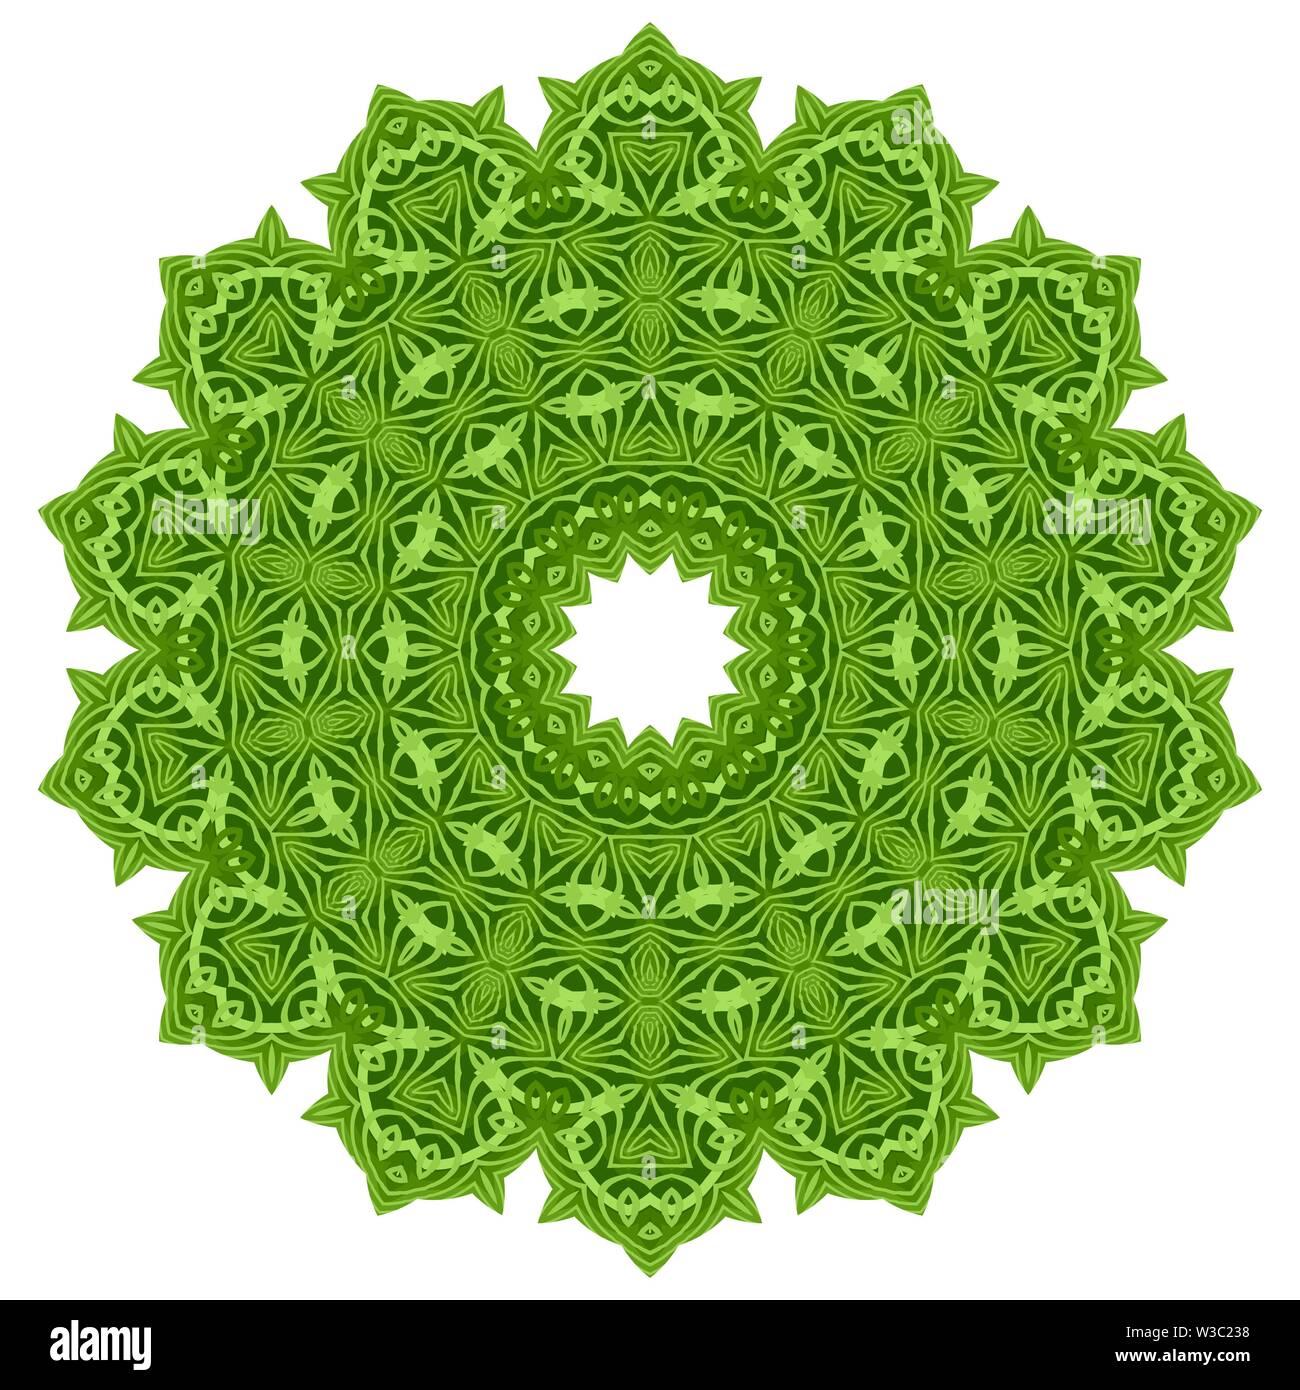 Grüne Zier Linienmuster. Runde Textur. Orientalische geometrische Verzierung. Stockbild